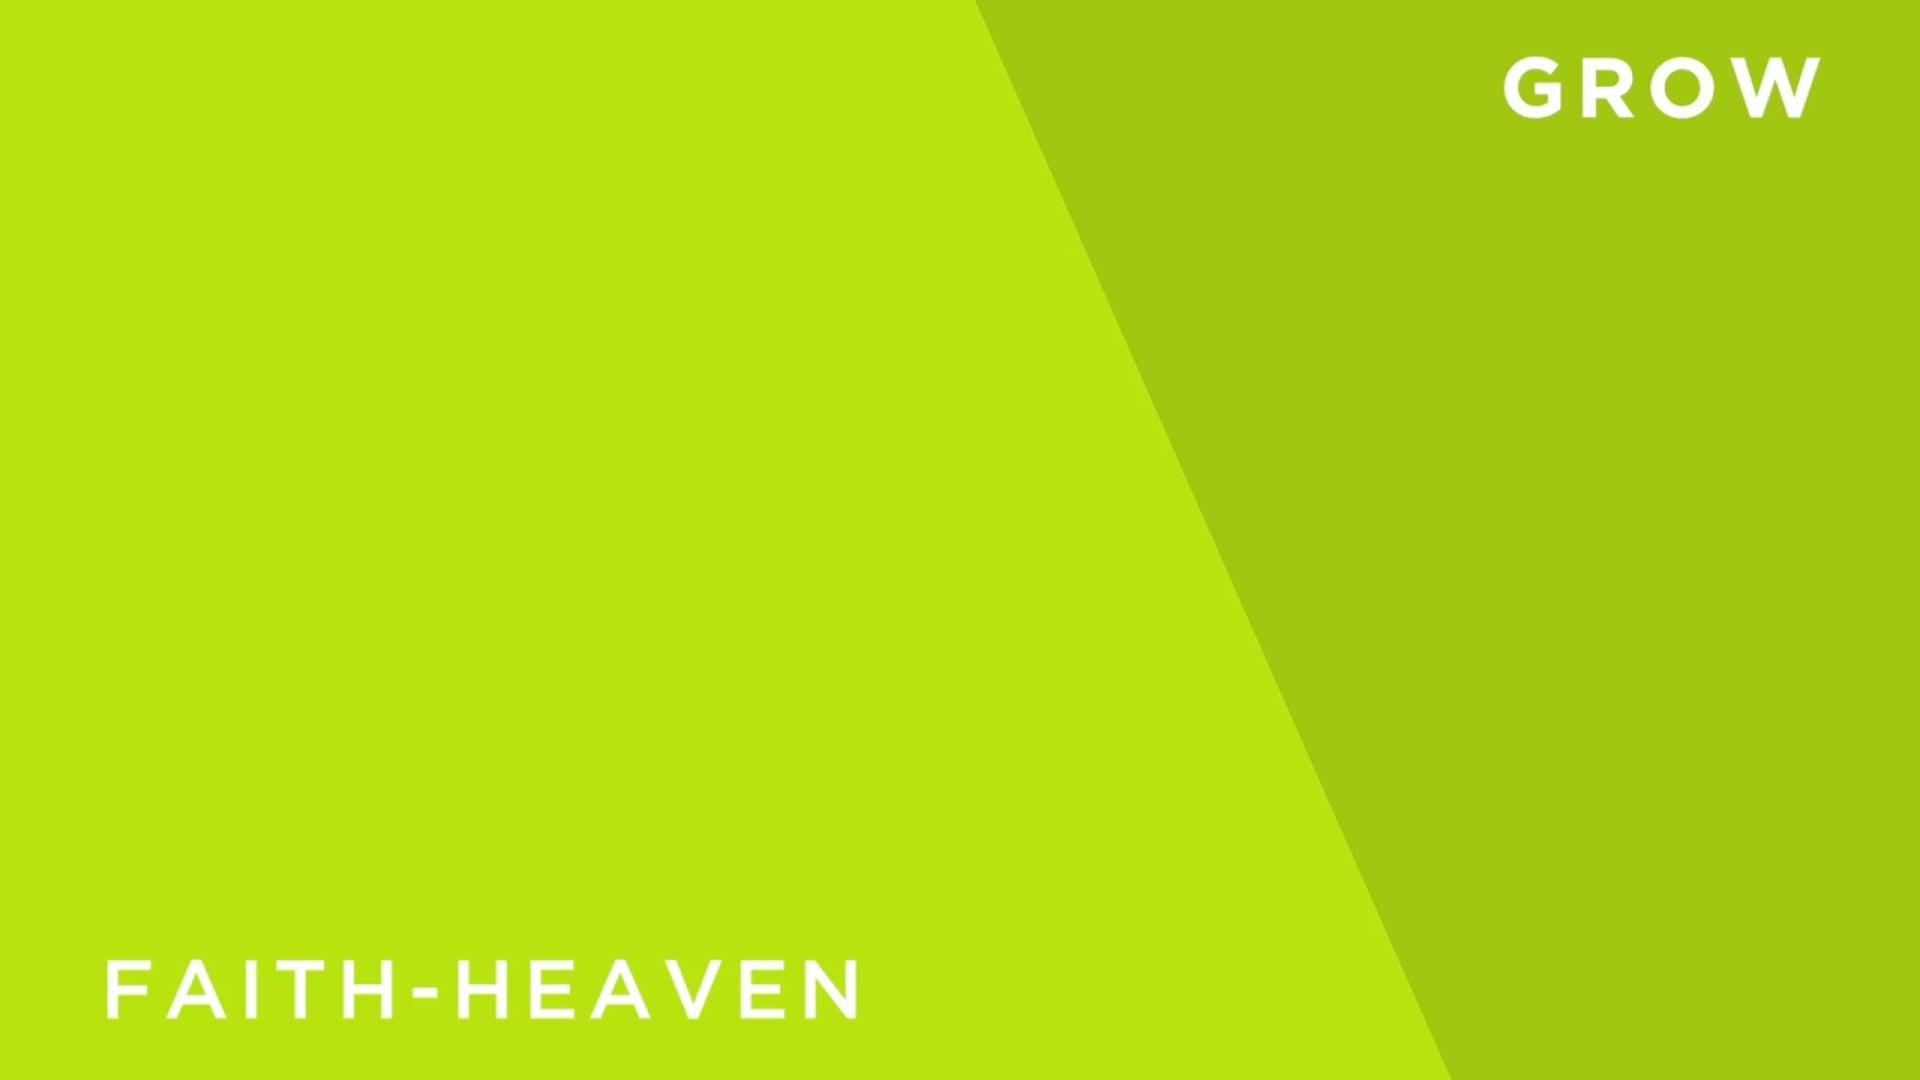 Faith [6] -Heaven